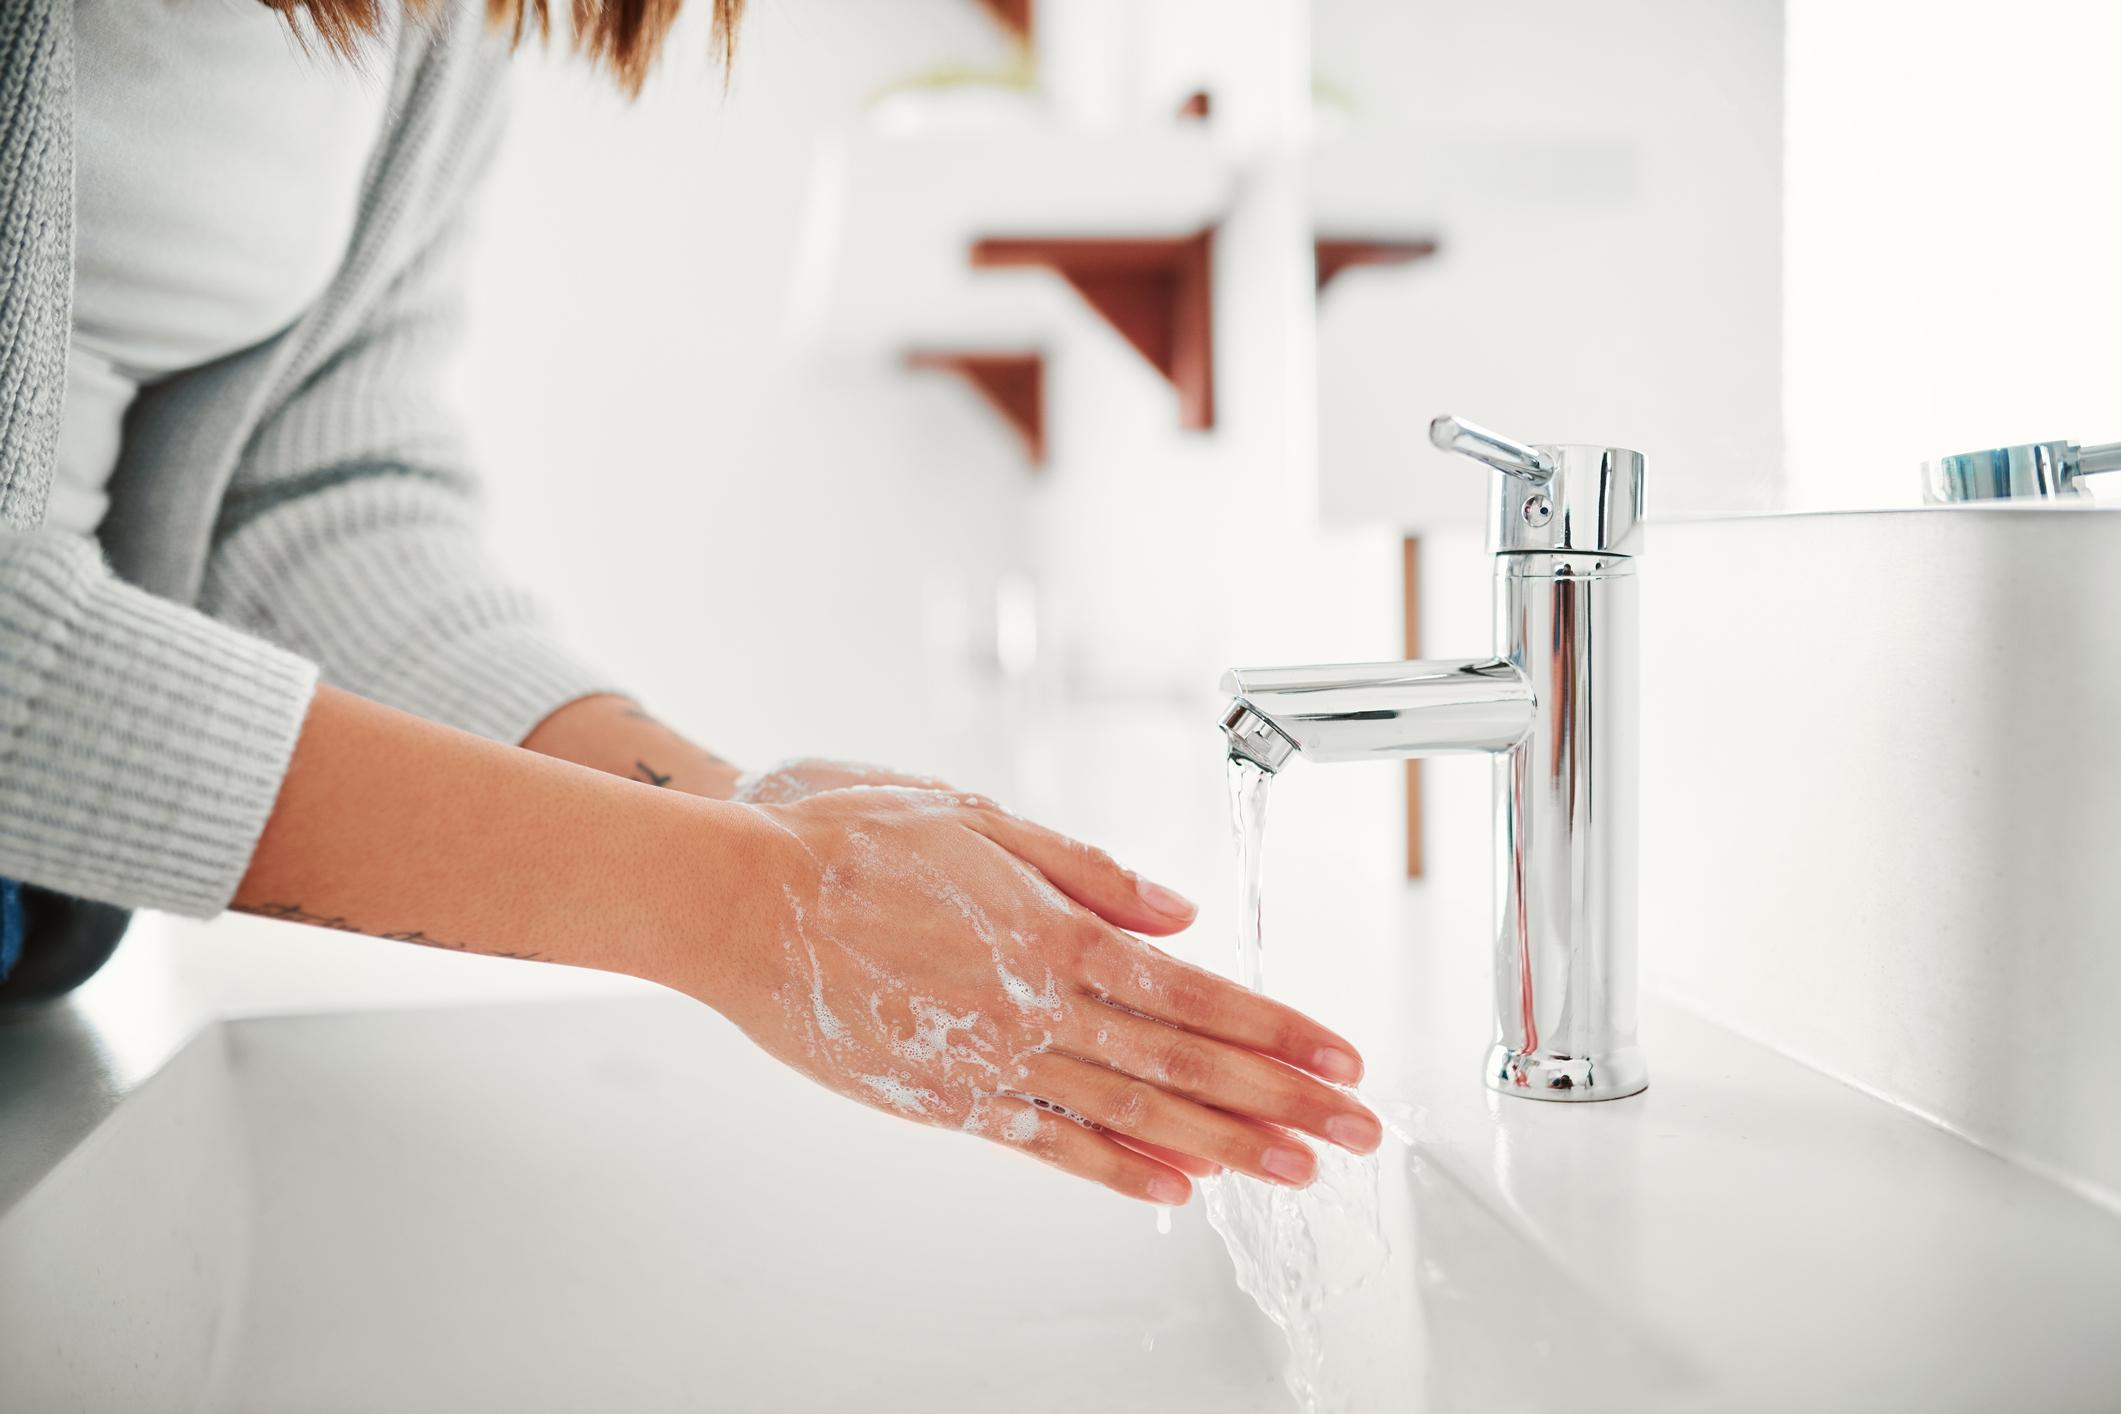 Štoviše, sapun ne mora sadržavati dezinficijense ili dezinfektivne dodatke.